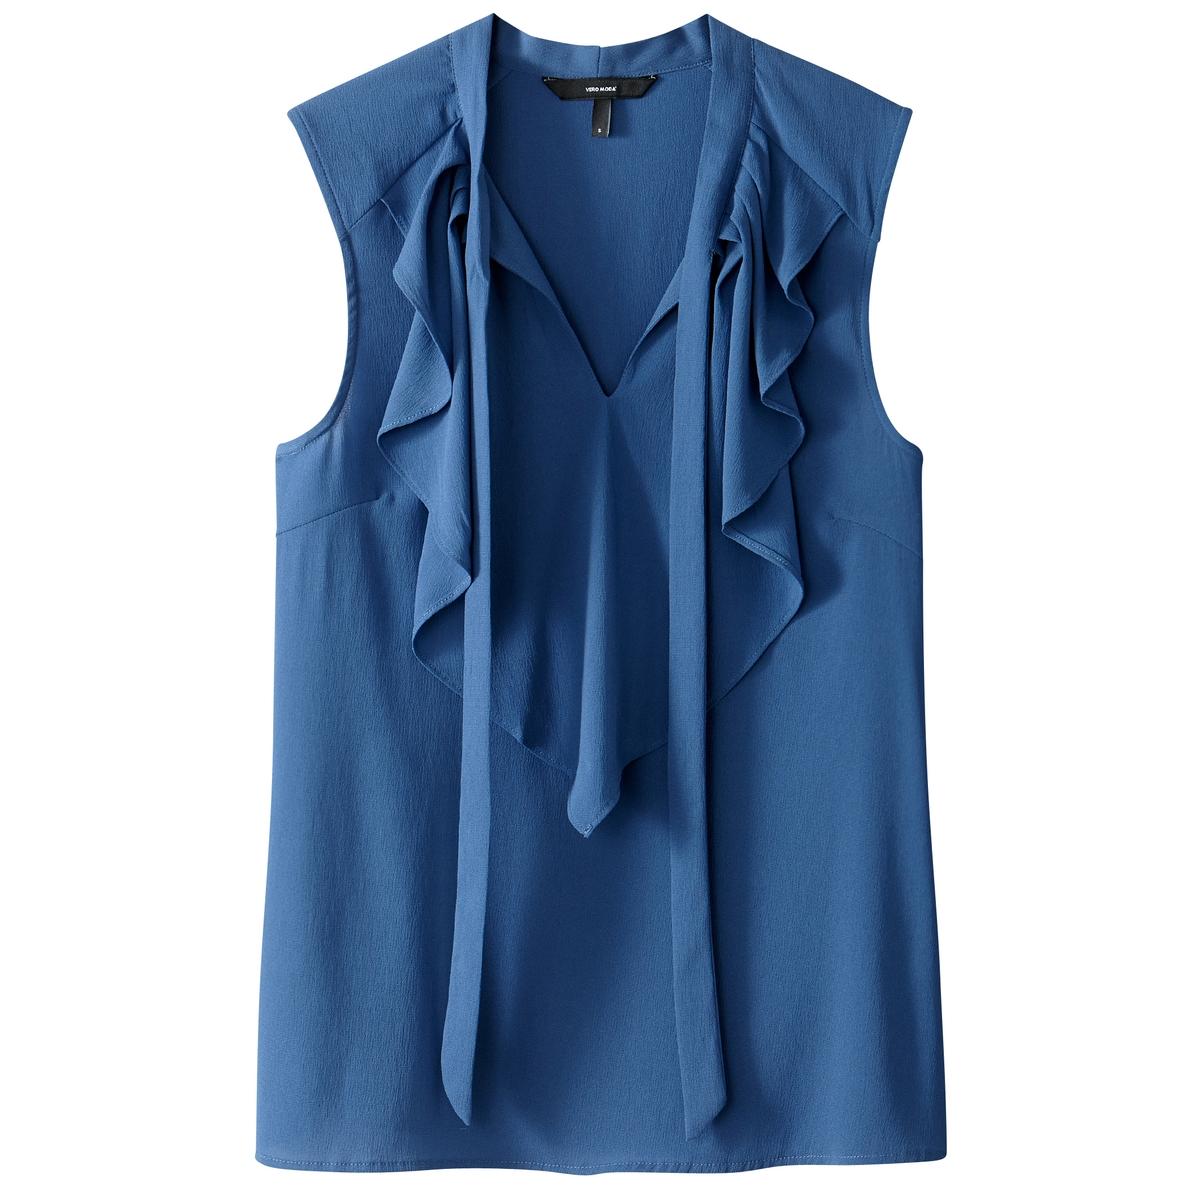 Блузка однотонная с галстуком-бантом без рукавовДетали •  Без рукавов •  Галстук-бантСостав и уход •  100% полиэстер •  Следуйте советам по уходу, указанным на этикетке<br><br>Цвет: белый,синий индиго,черный